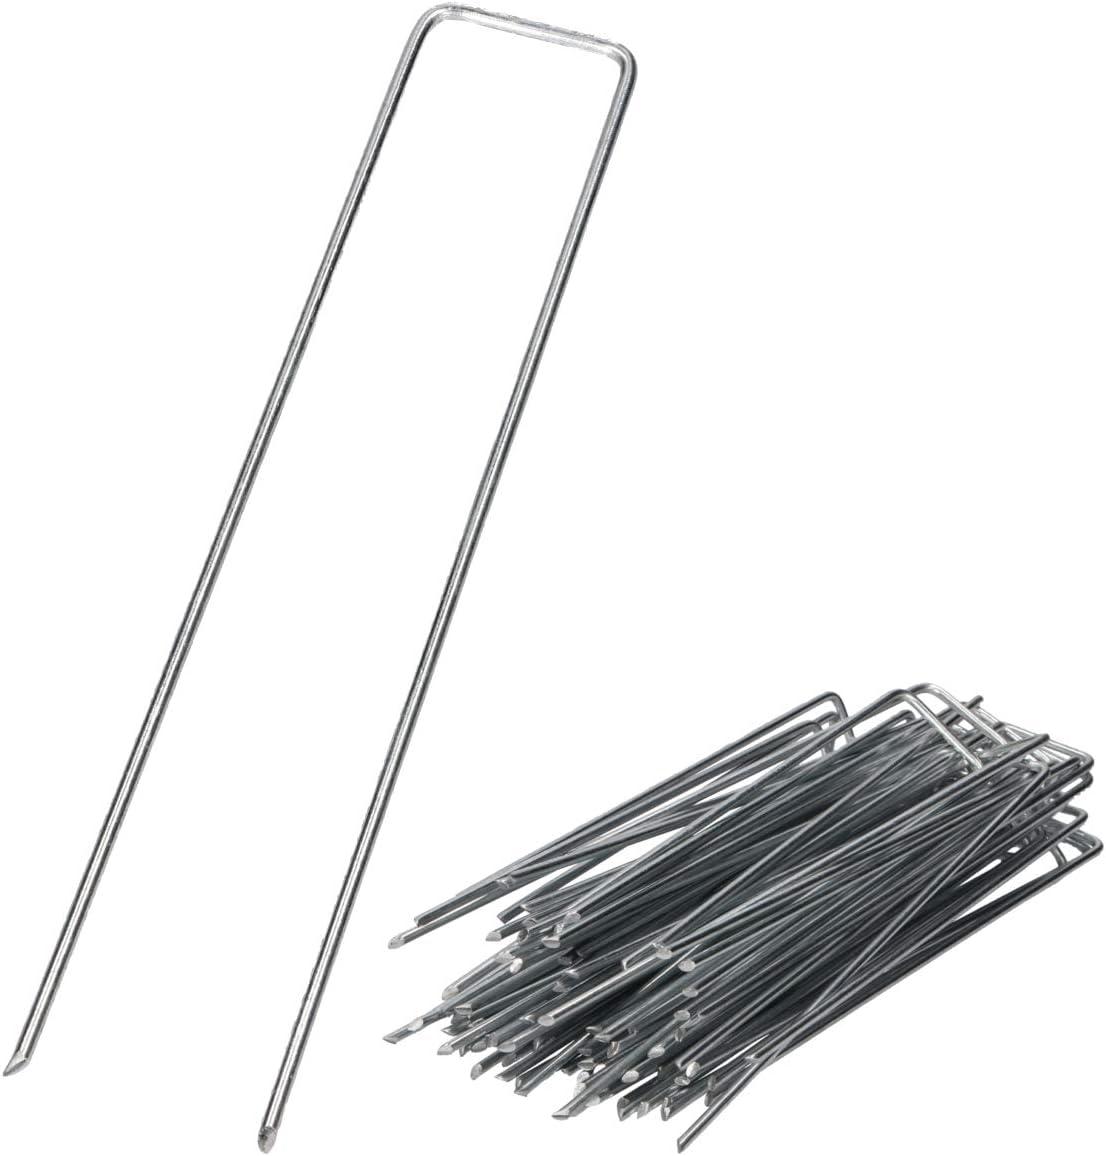 /Ø 3mm zur Sicherung von Unkrautvlies Netzen GARDENIX 100 St/ück IronPEG Verzinkt Anti-Rost Erdanker aus Stahldraht 200 x 30mm Maschendraht Bodenplanen